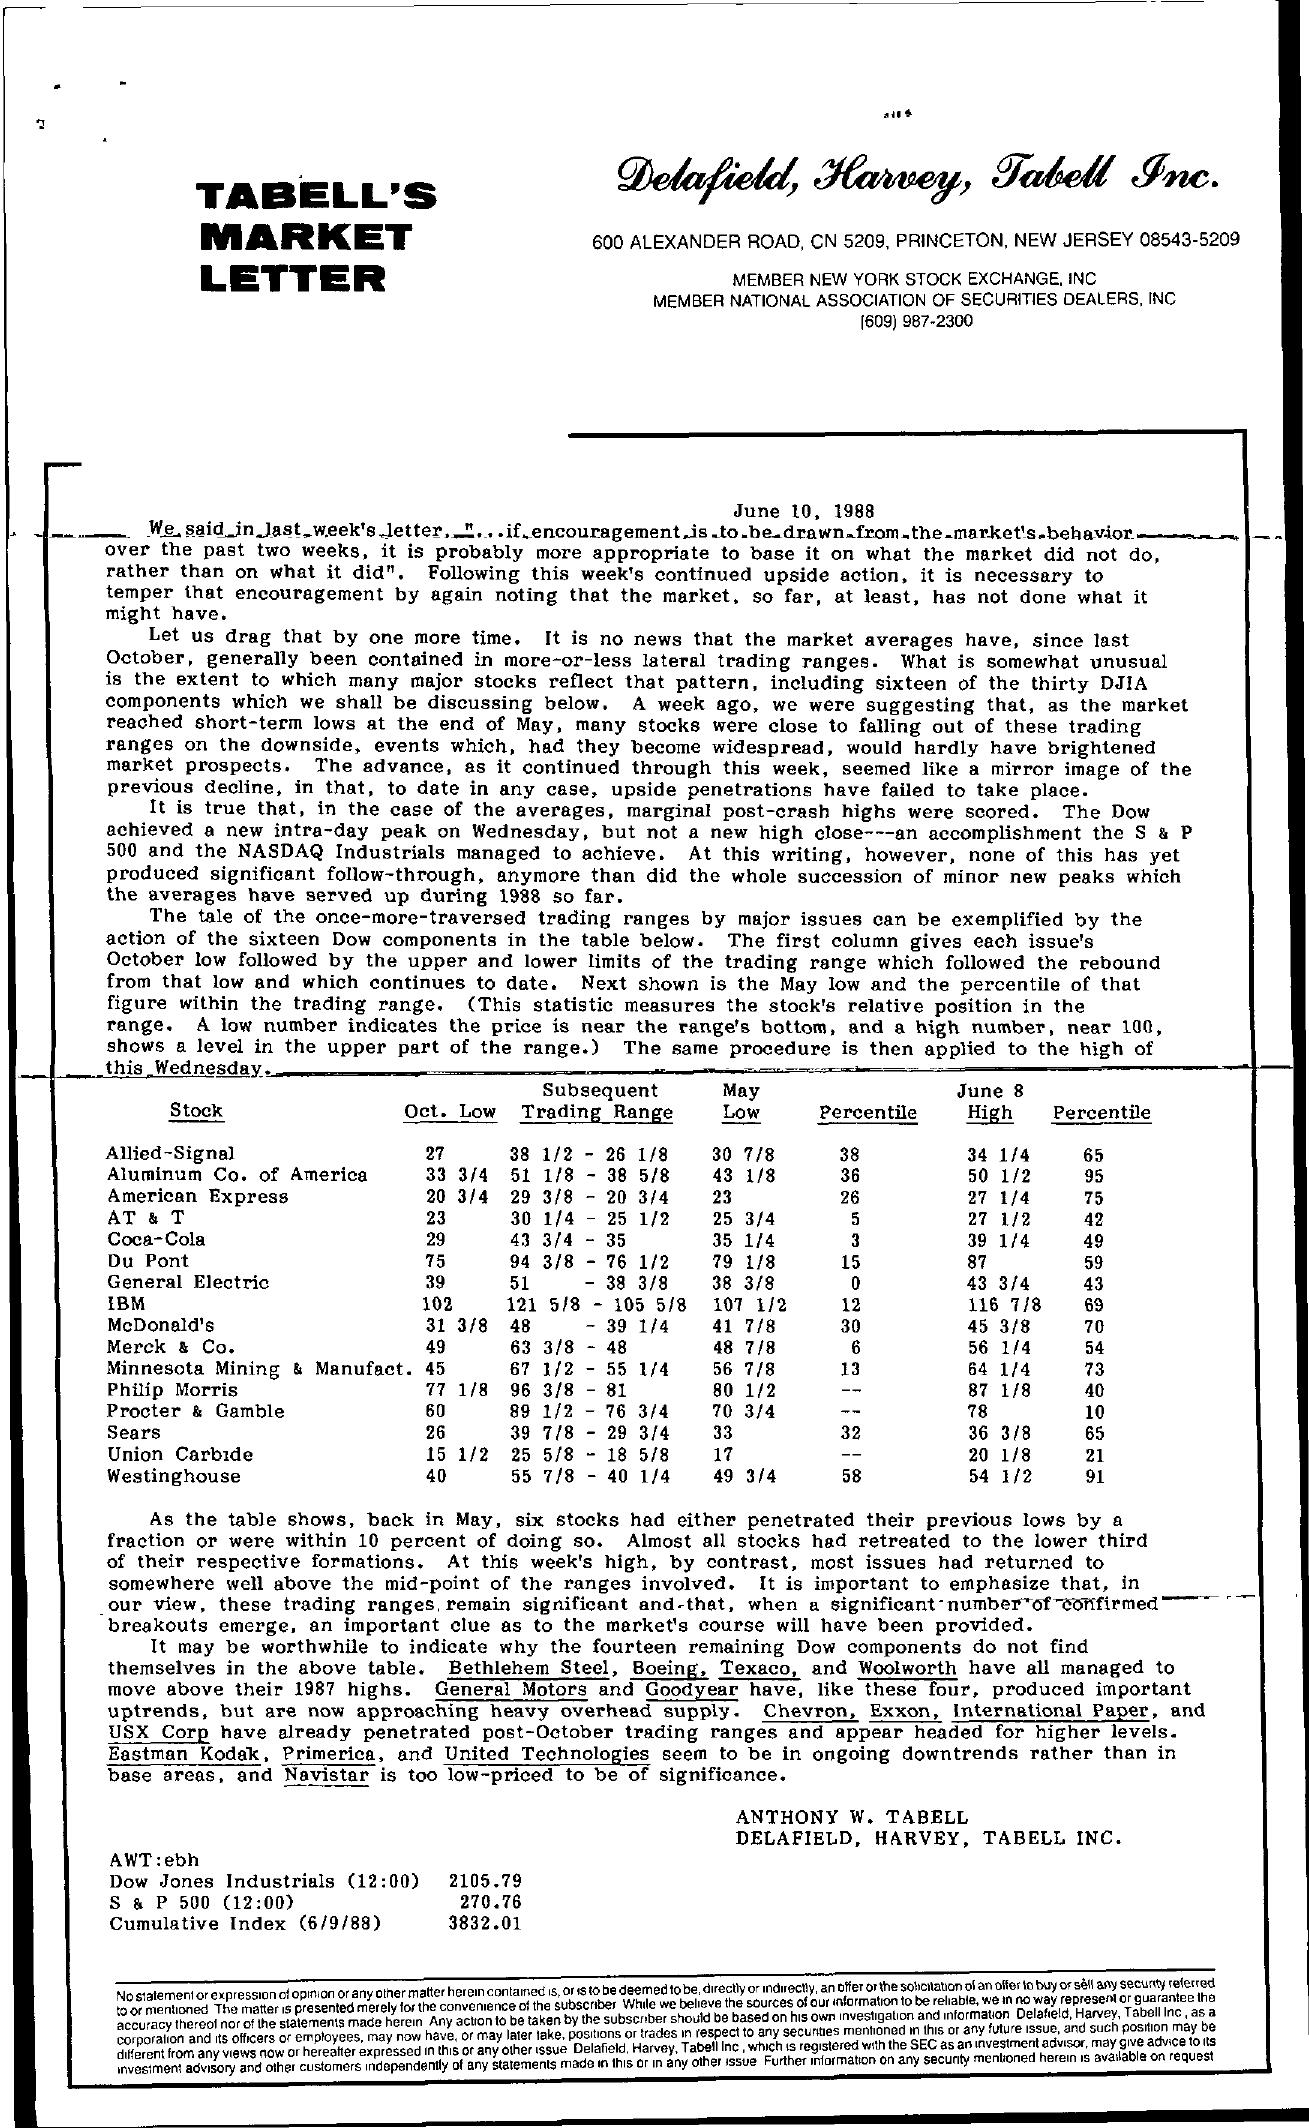 Tabell's Market Letter - June 10, 1988